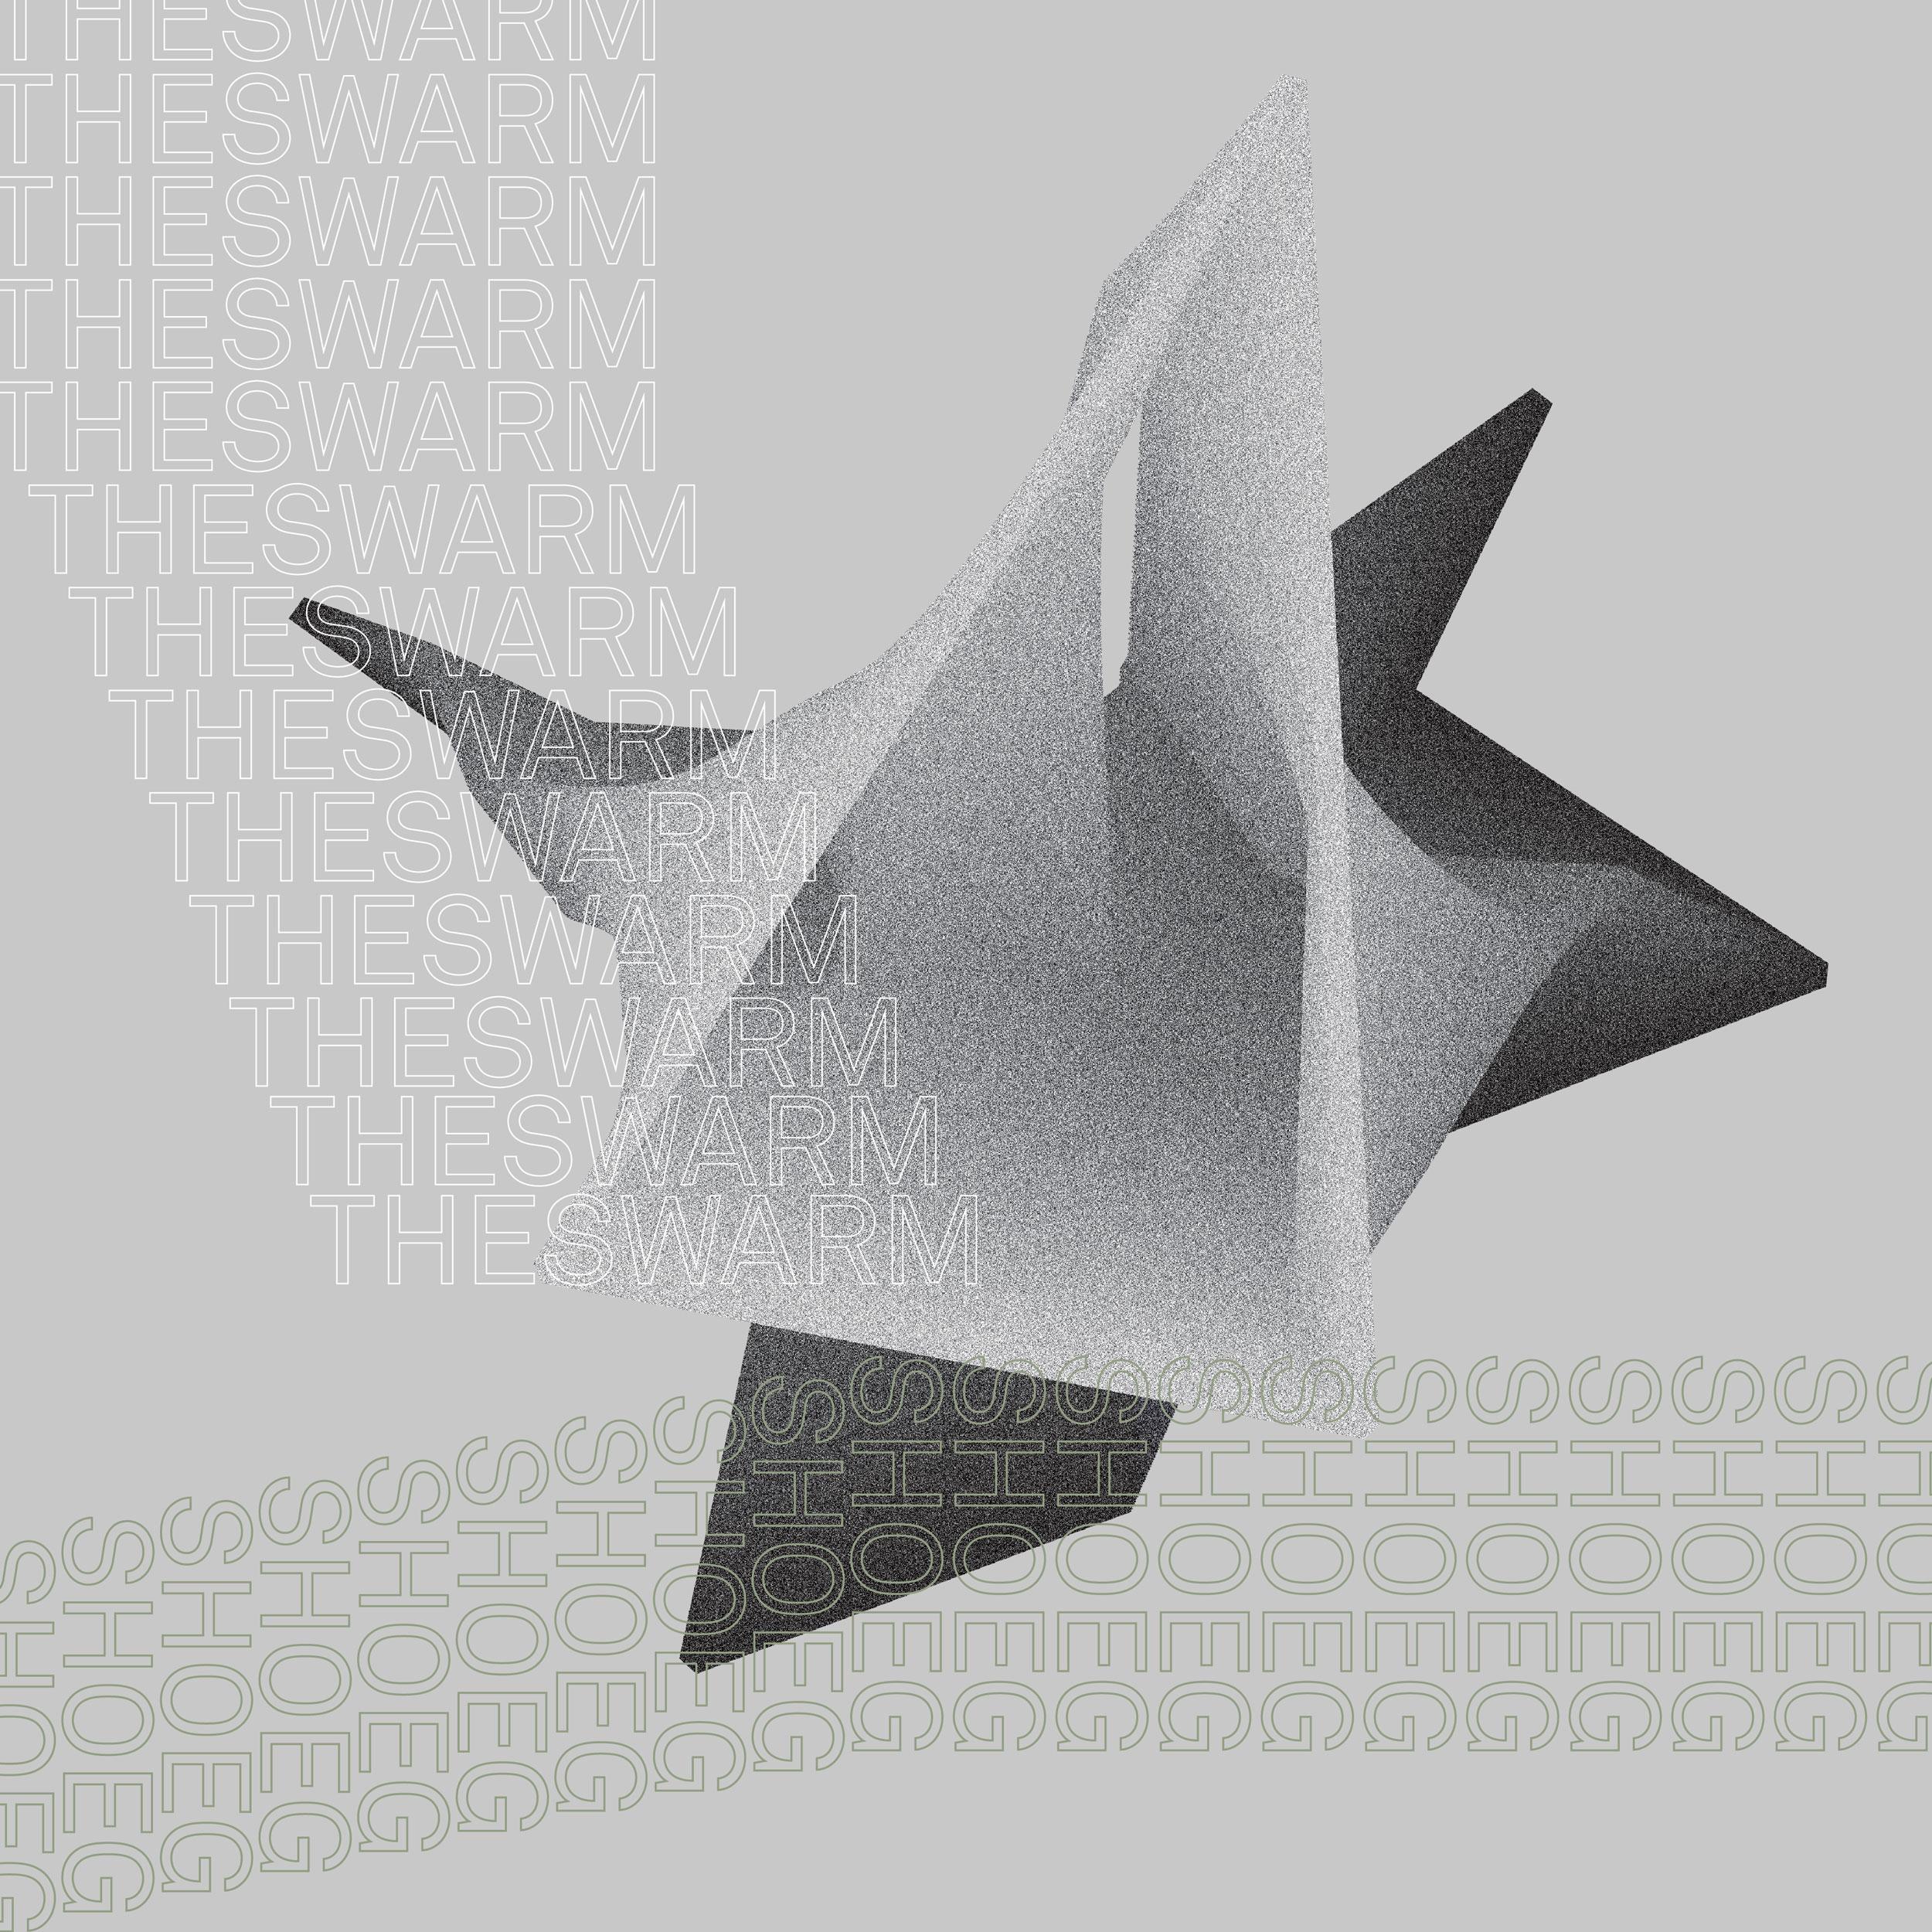 Shoeg — The Swarm